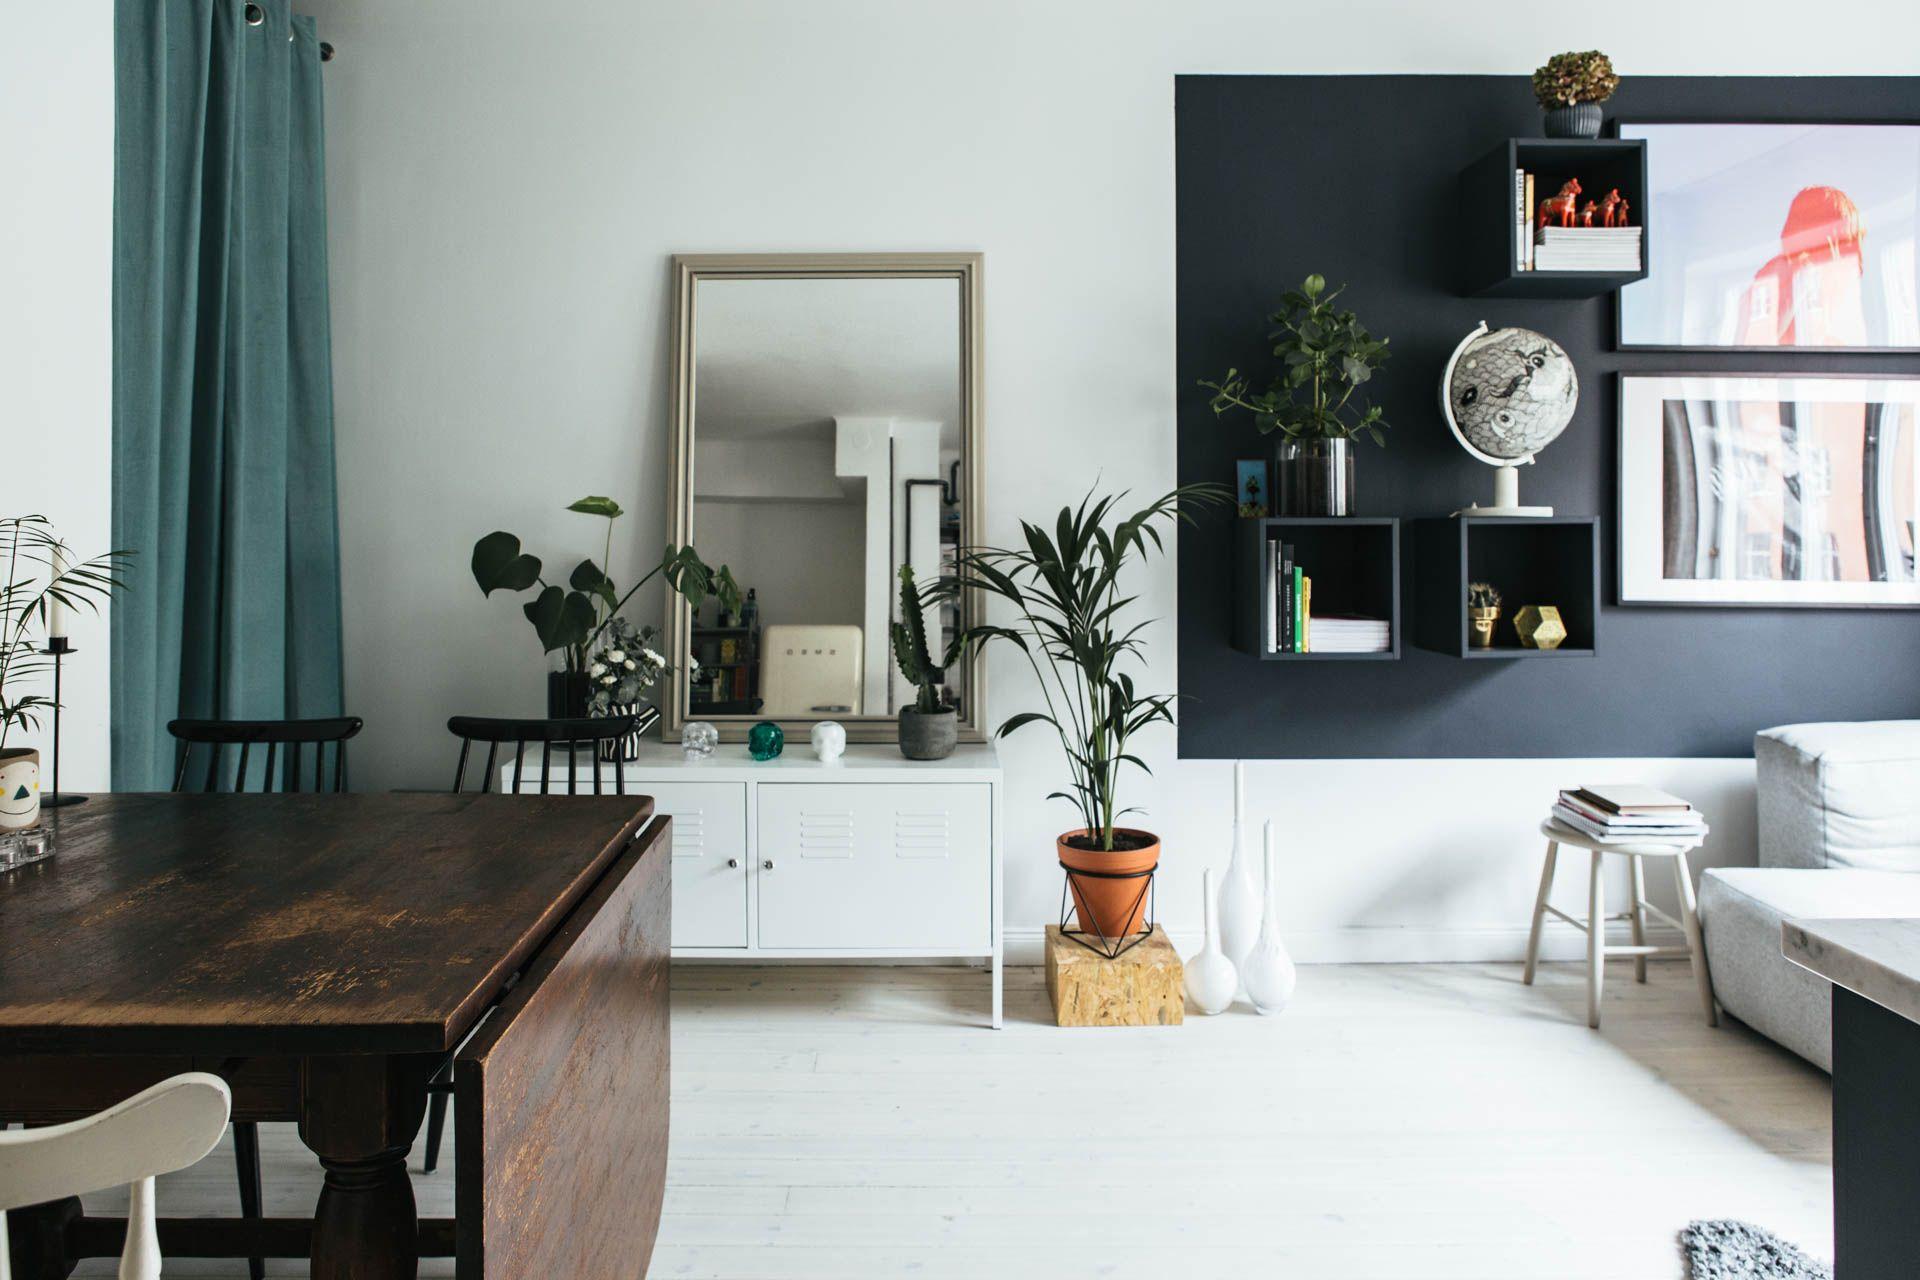 Kleiner Kühlschrank Wohnzimmer : Pin von gulcin auf house interior wohnzimmer raum